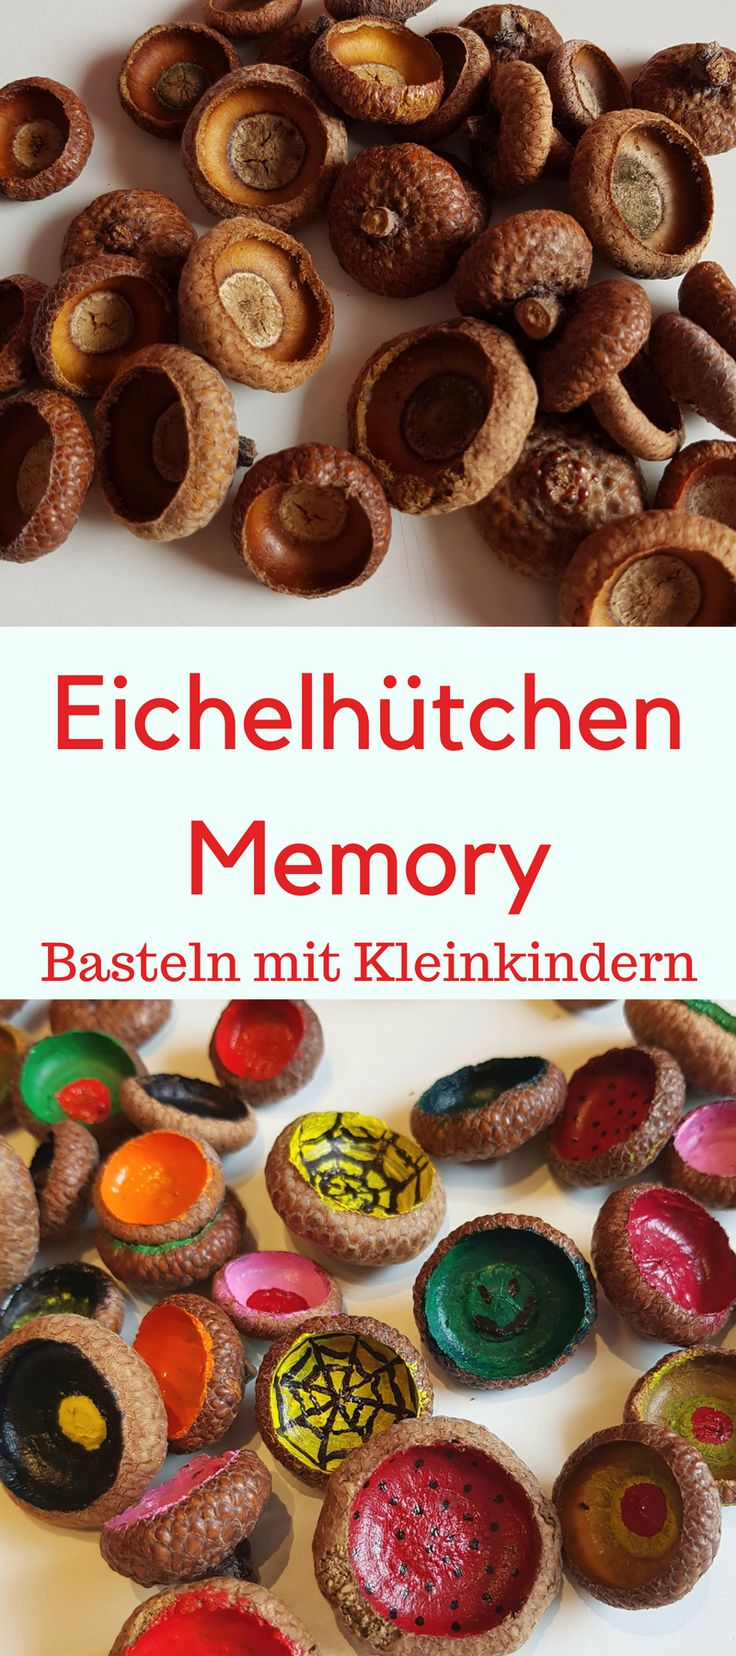 Wald-Memory aus Eichelhütchen-basteln im Herbst – SimplyLovelyChaos – Lifestyle, Familie, Rezepte, Bücher, DIY